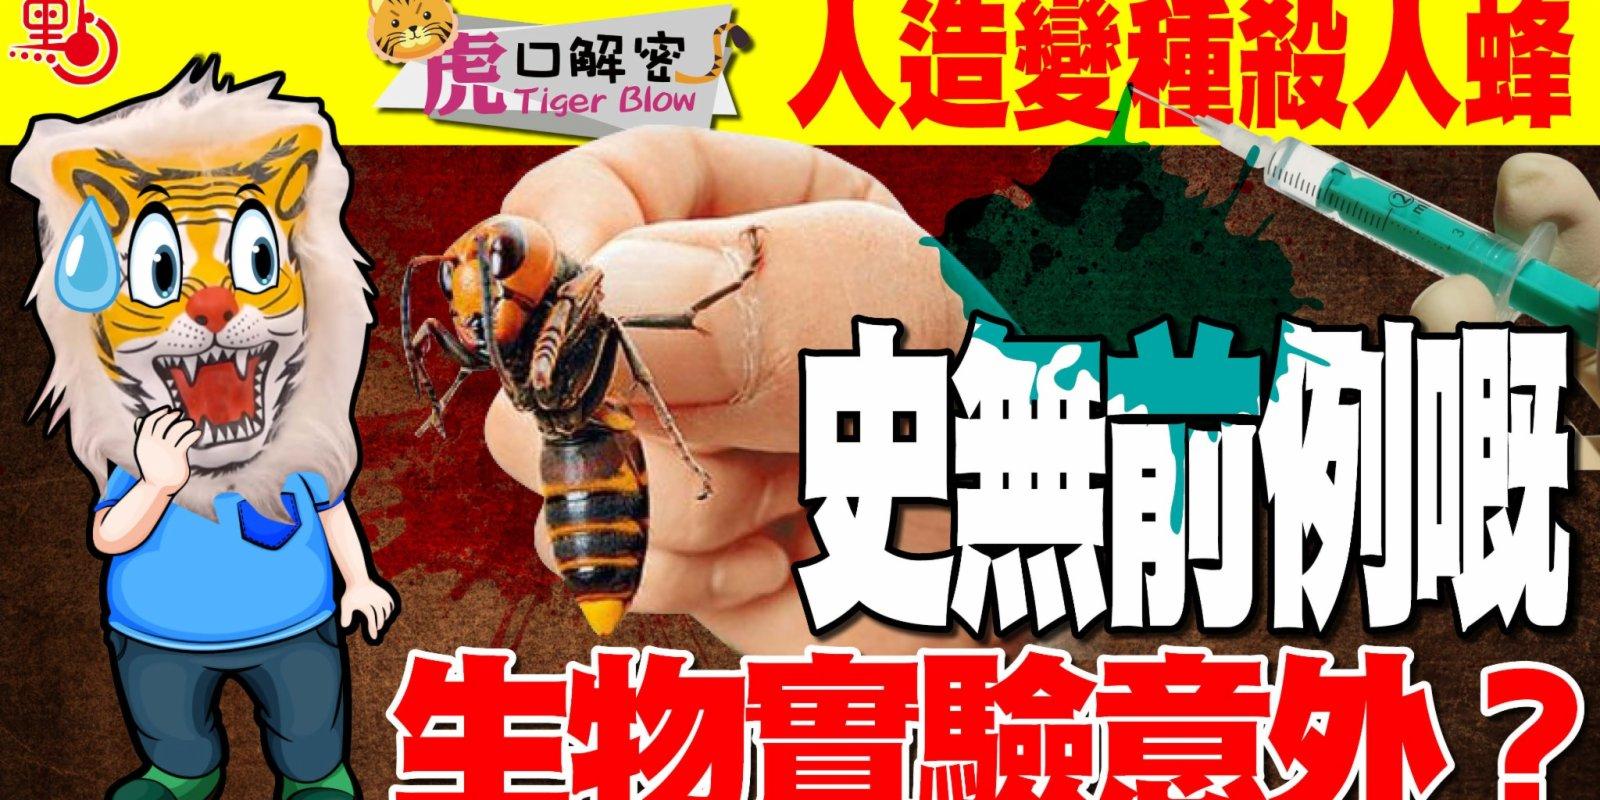 虎口解密|人造變種殺人蜂 史無前例嘅生物實驗意外?